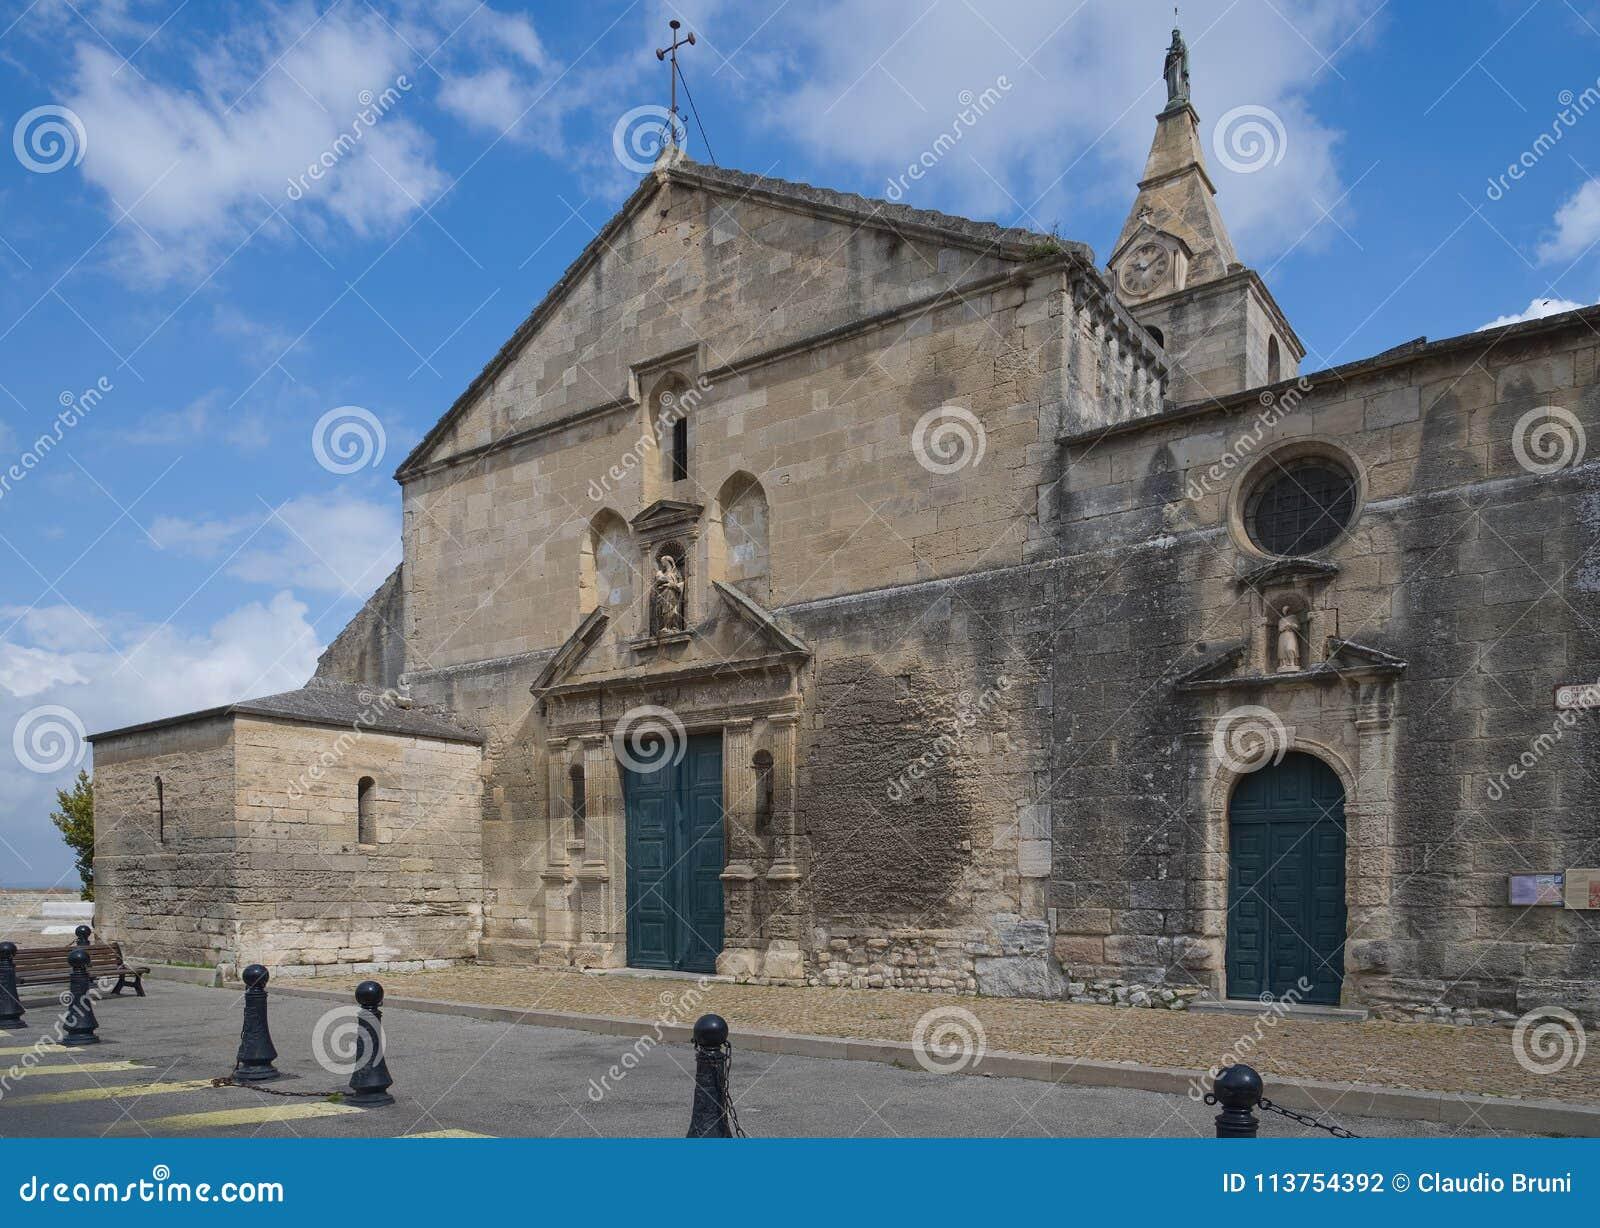 Нотр-Дам de Ла Главн - католическая церковь - Arles - Провансаль - Camargue - Франция